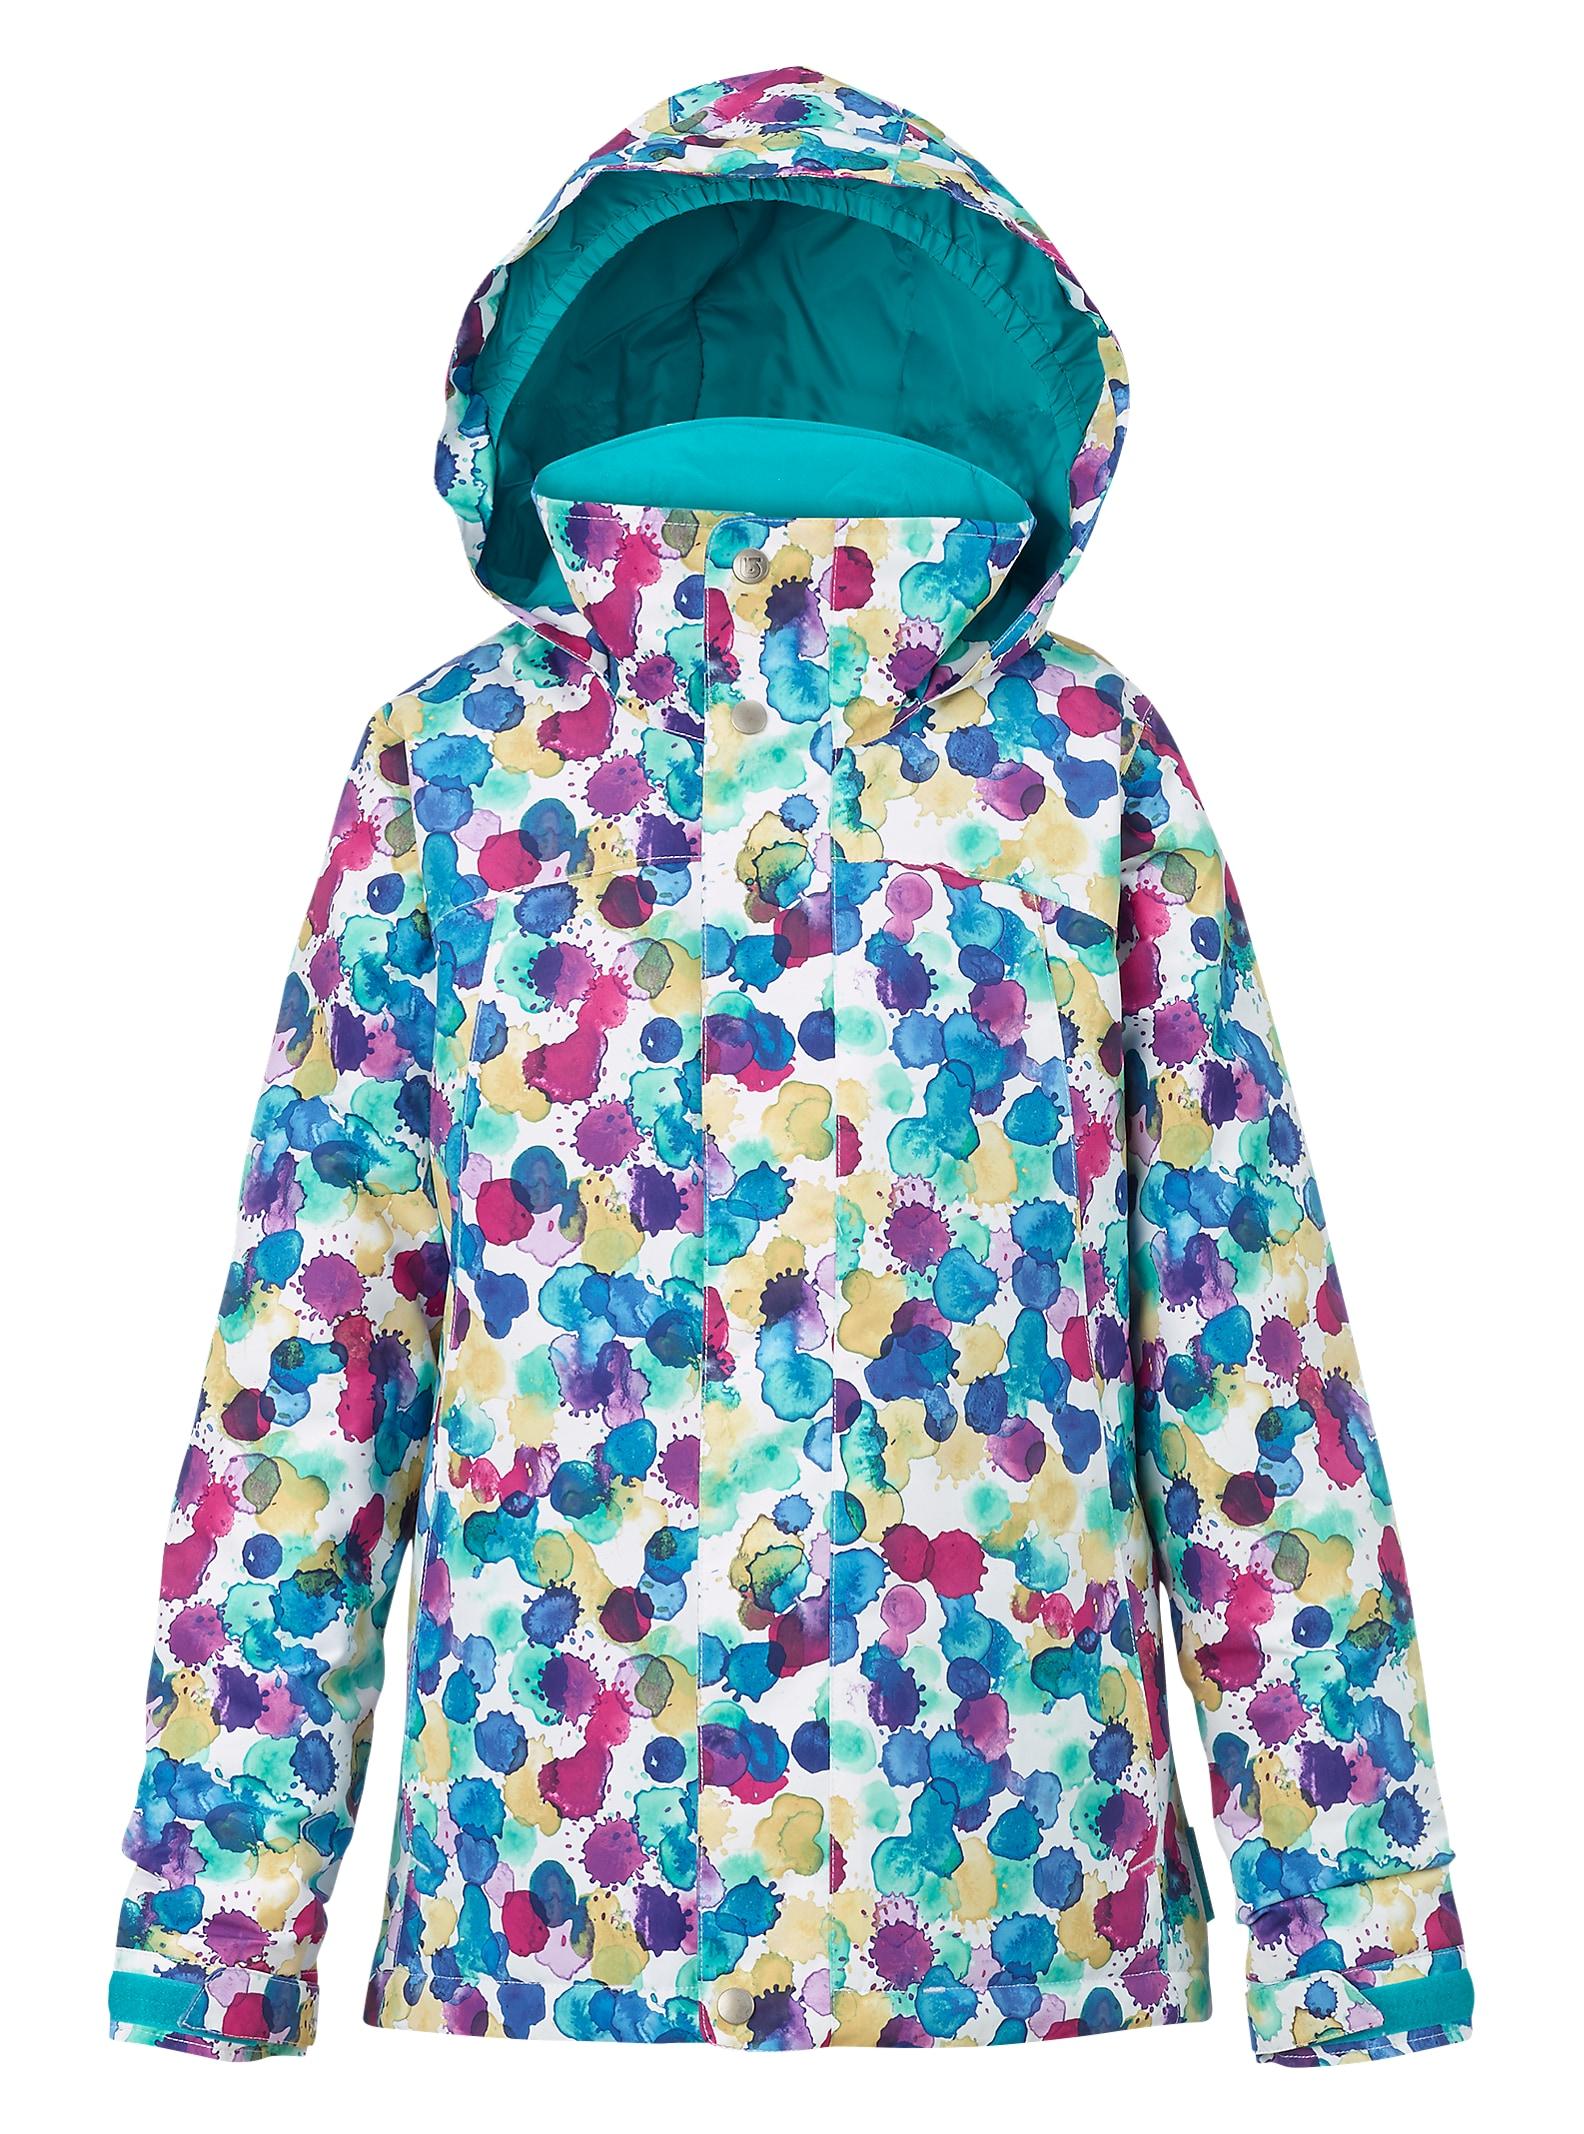 Burton Girls' Elodie Jacket shown in Rainbow Drops